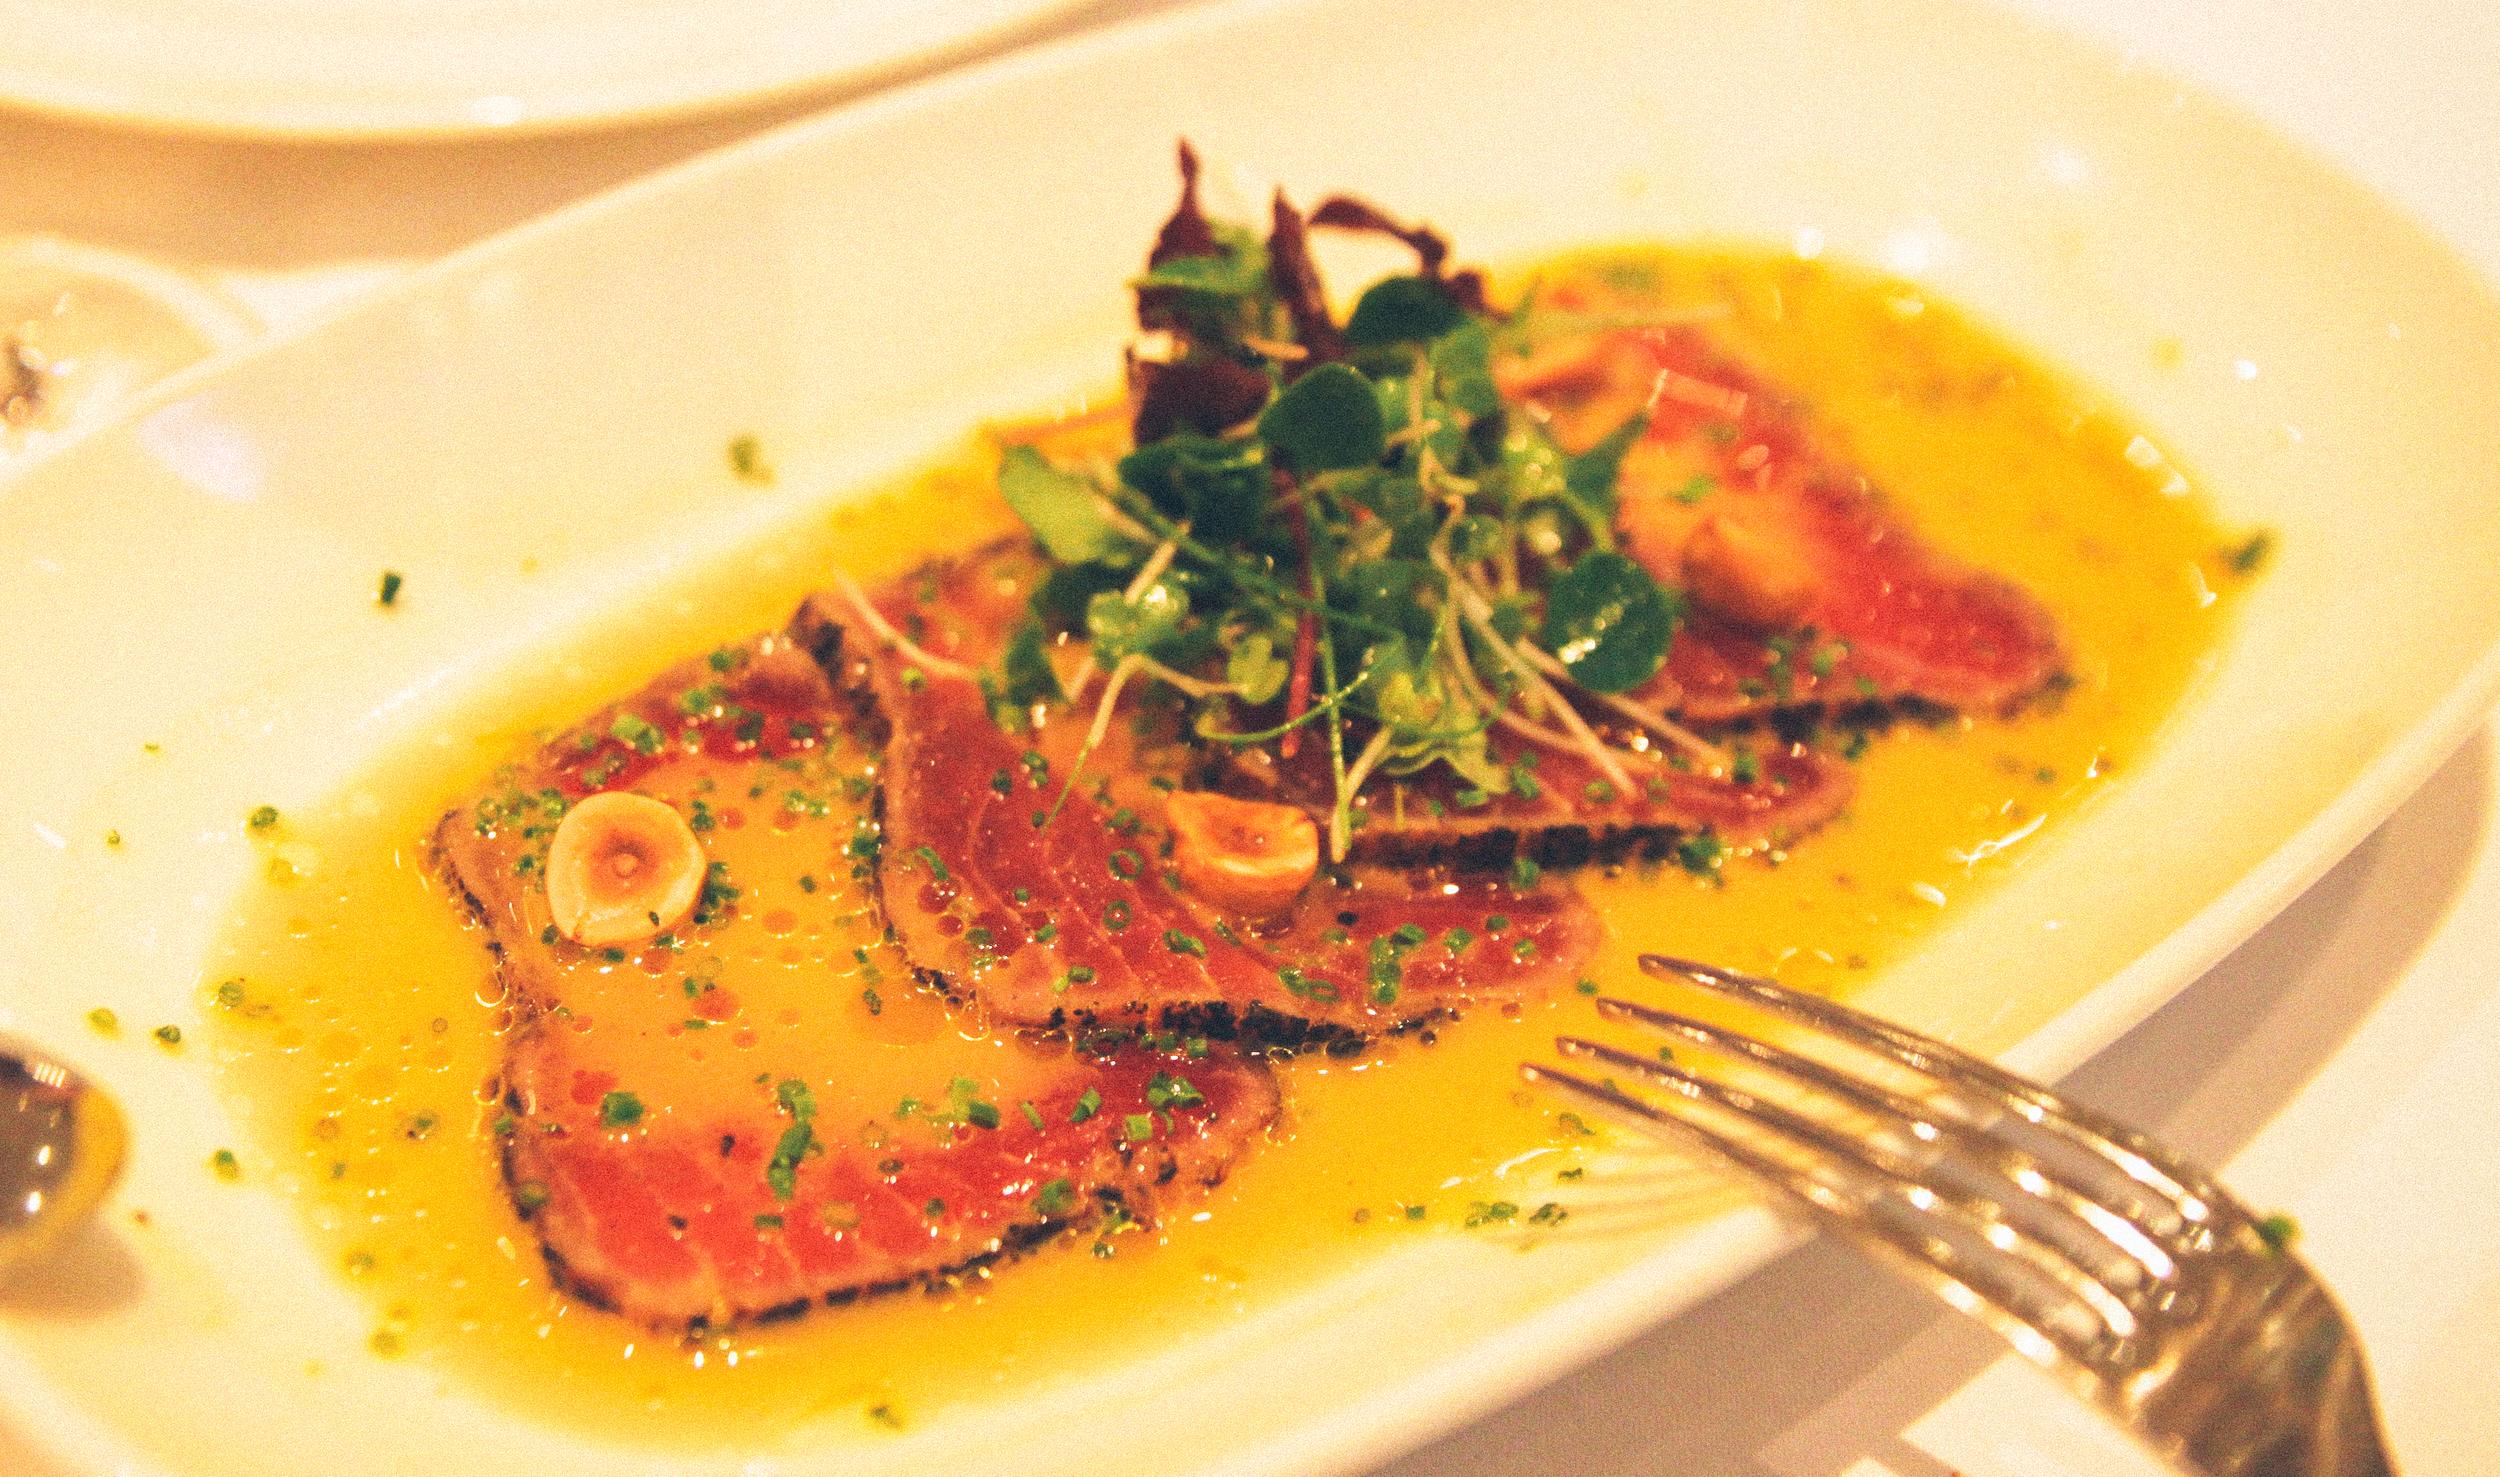 Carpaccio de thon (tuna carpaccio),  La Petite Maison .